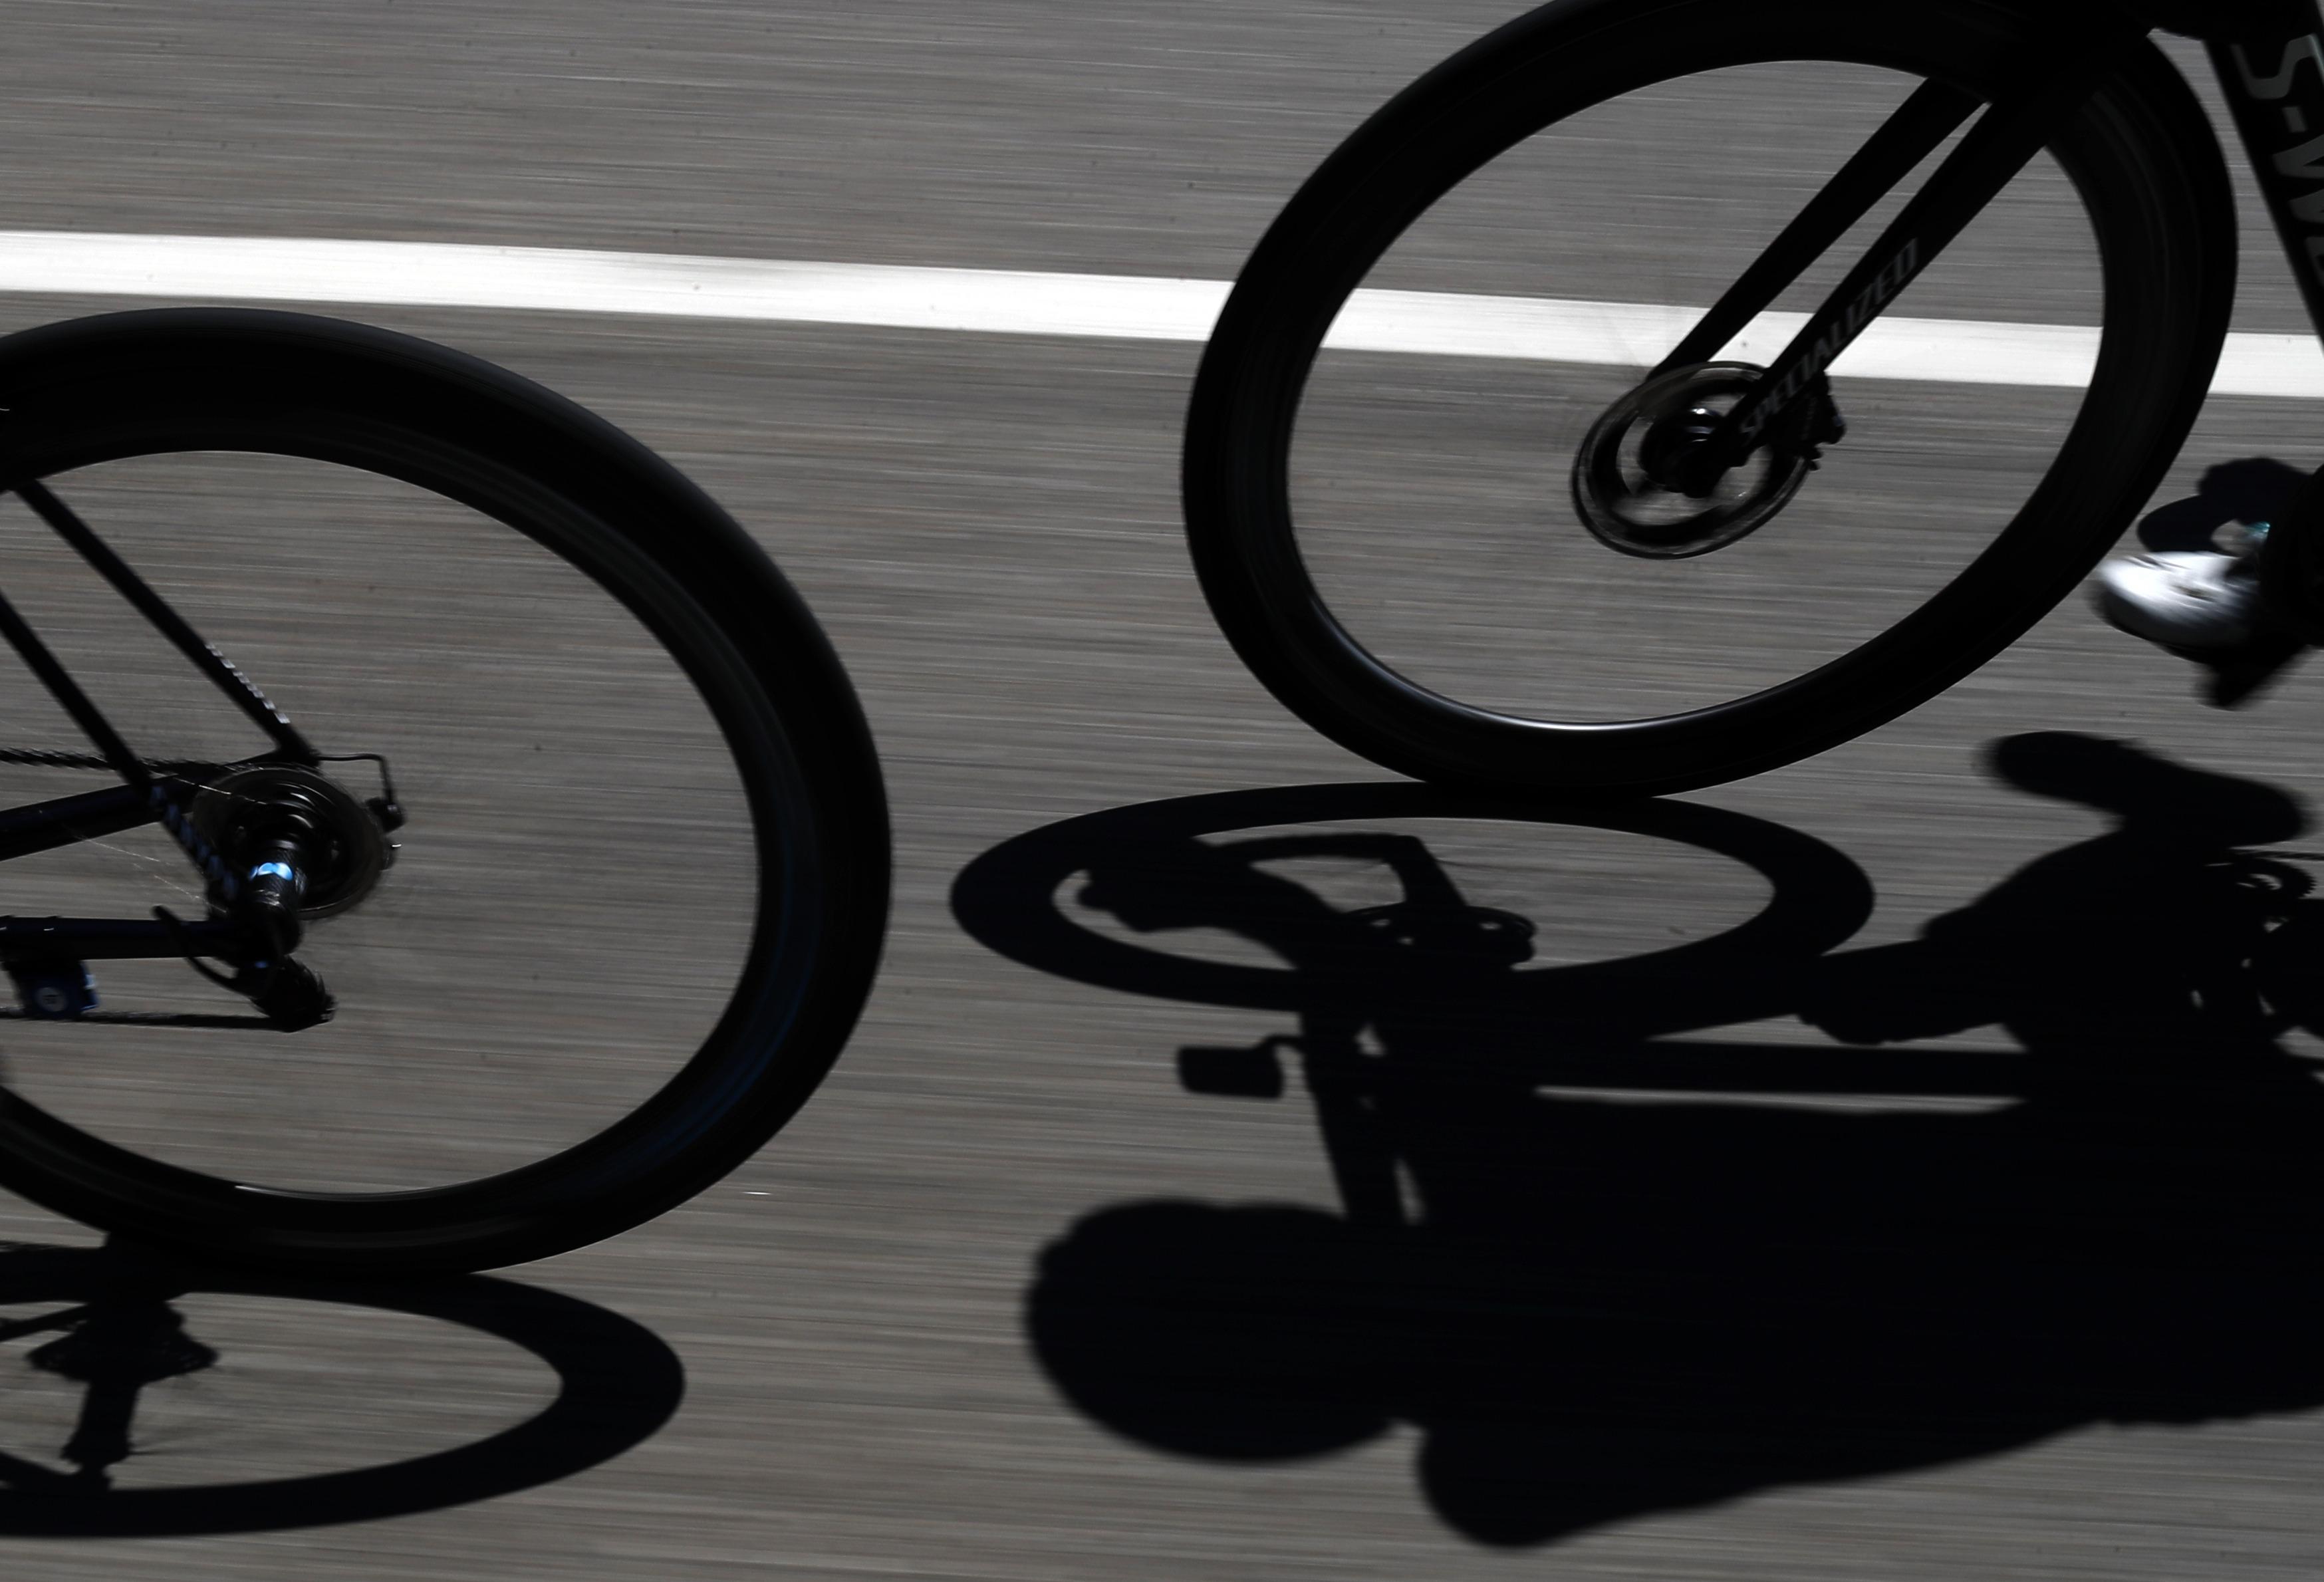 Bevin, 1ro en retirarse del Tour de Francia tras caída